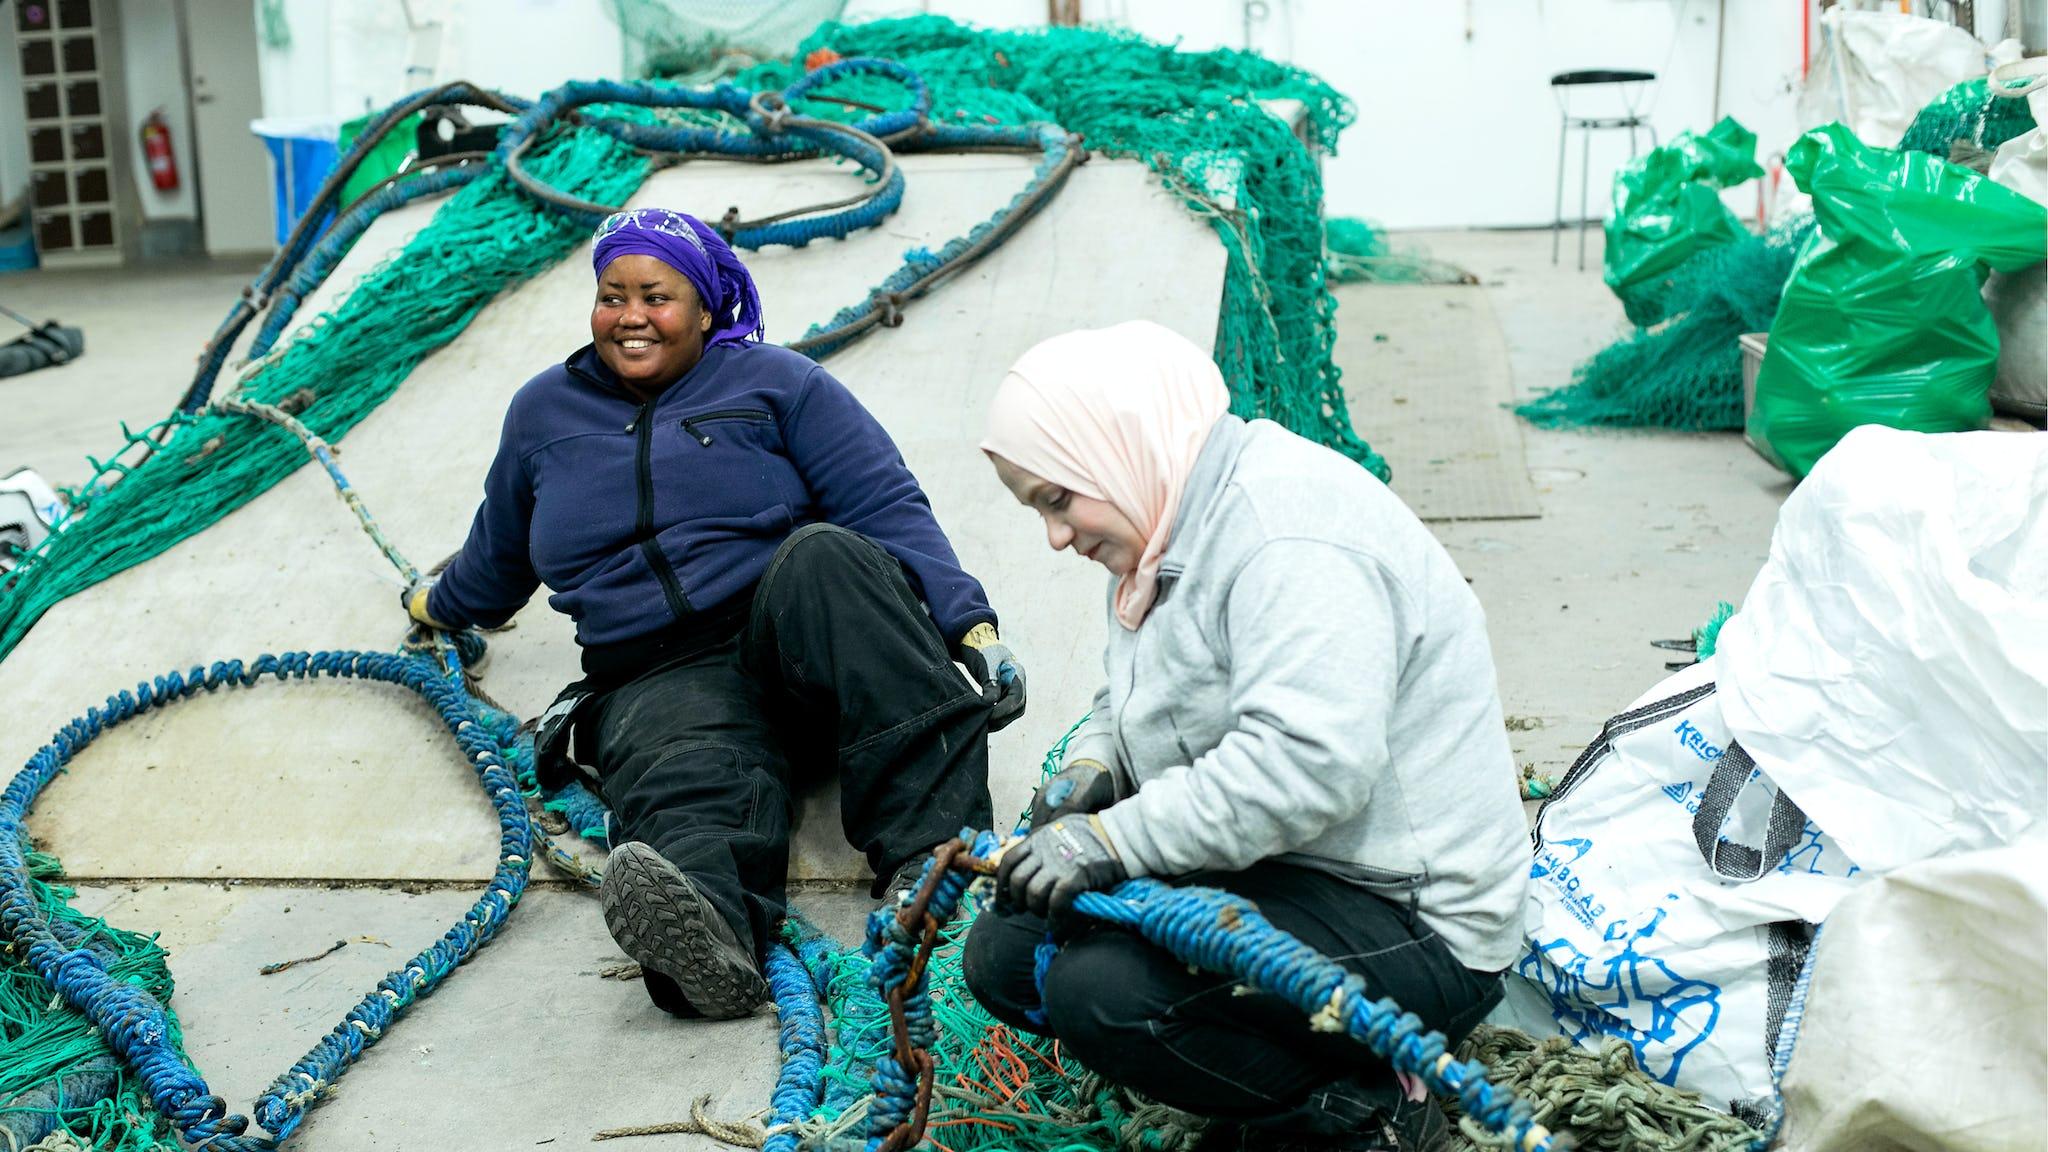 Djamila Moustapha och Waad Almallouhi rensar uttjänta fiskelinor från schackel och kättingar.